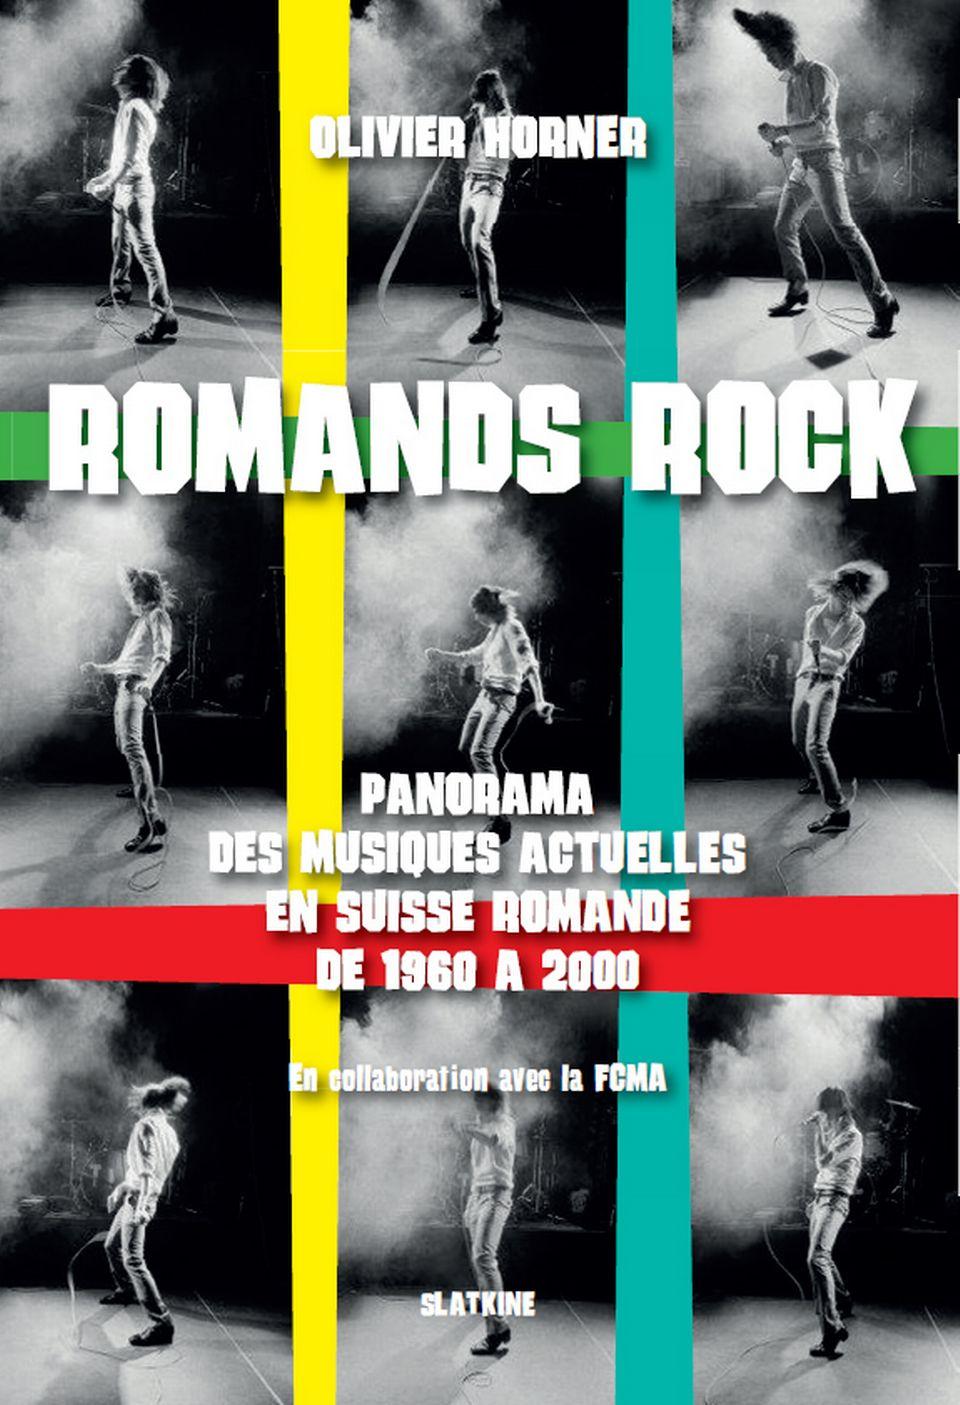 """Couverture du livre """"Romands rock"""" d'Olivier Horner. [Slatkine]"""